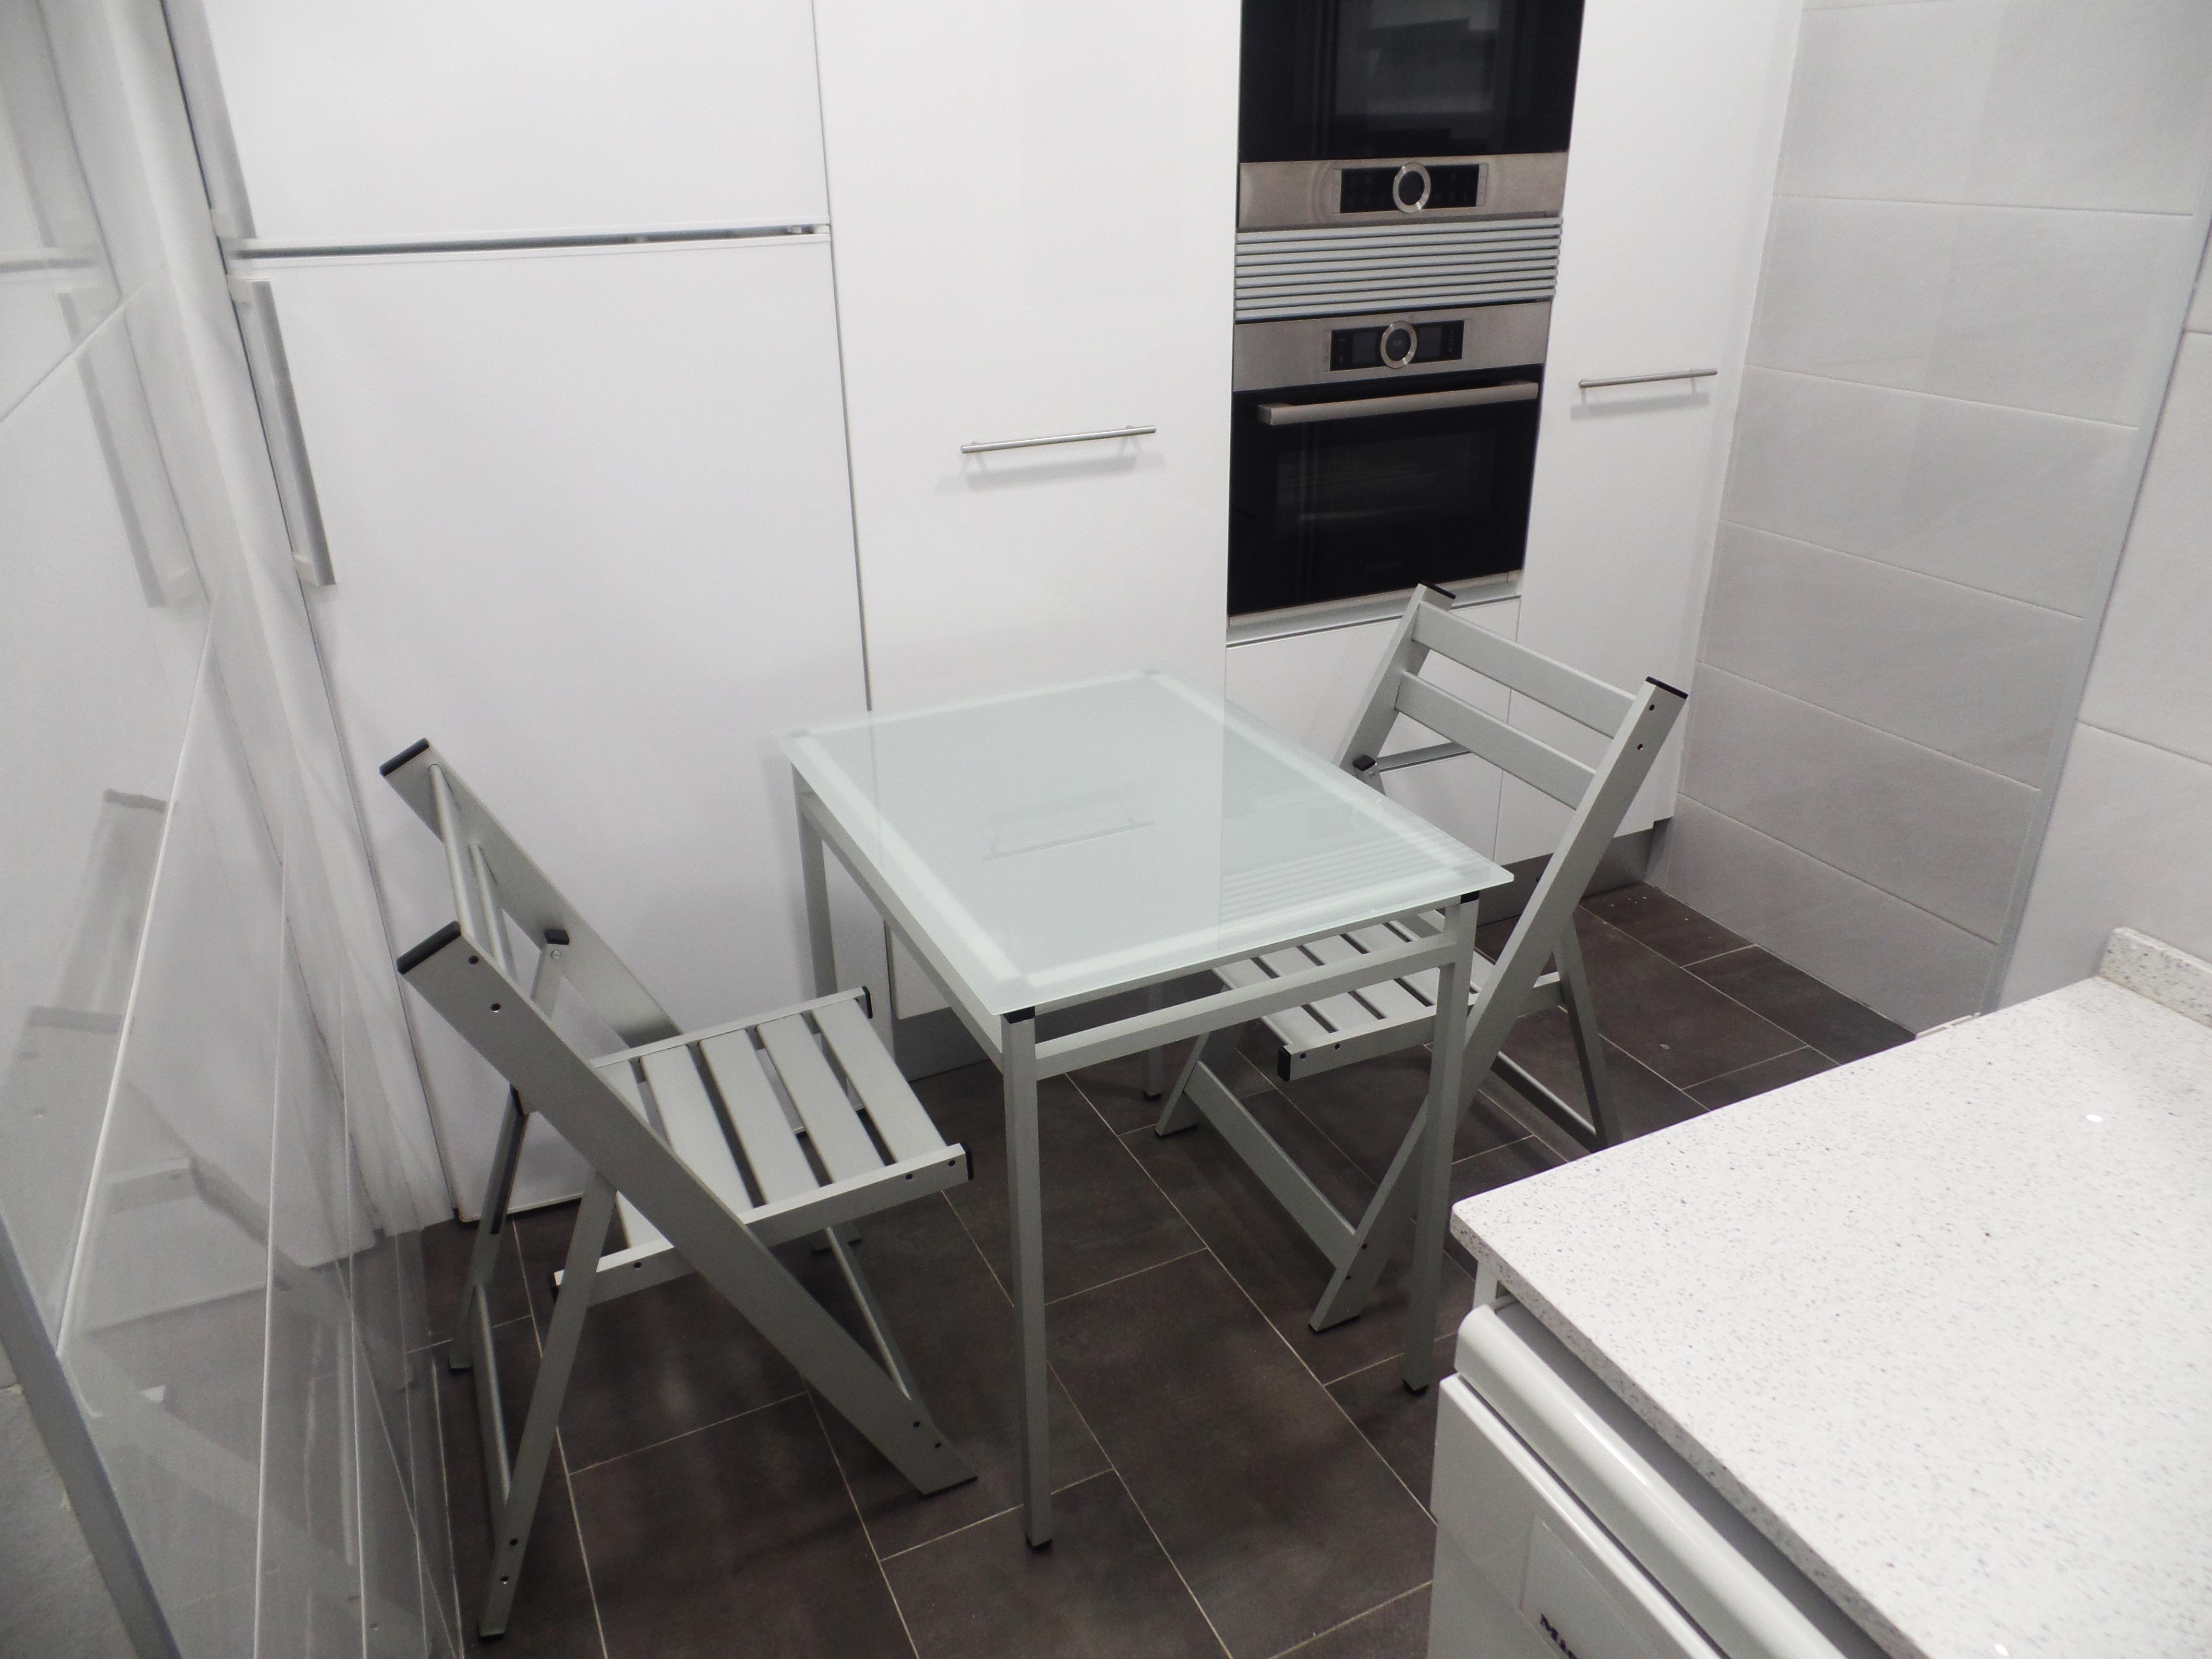 Conjunt taula-cadires